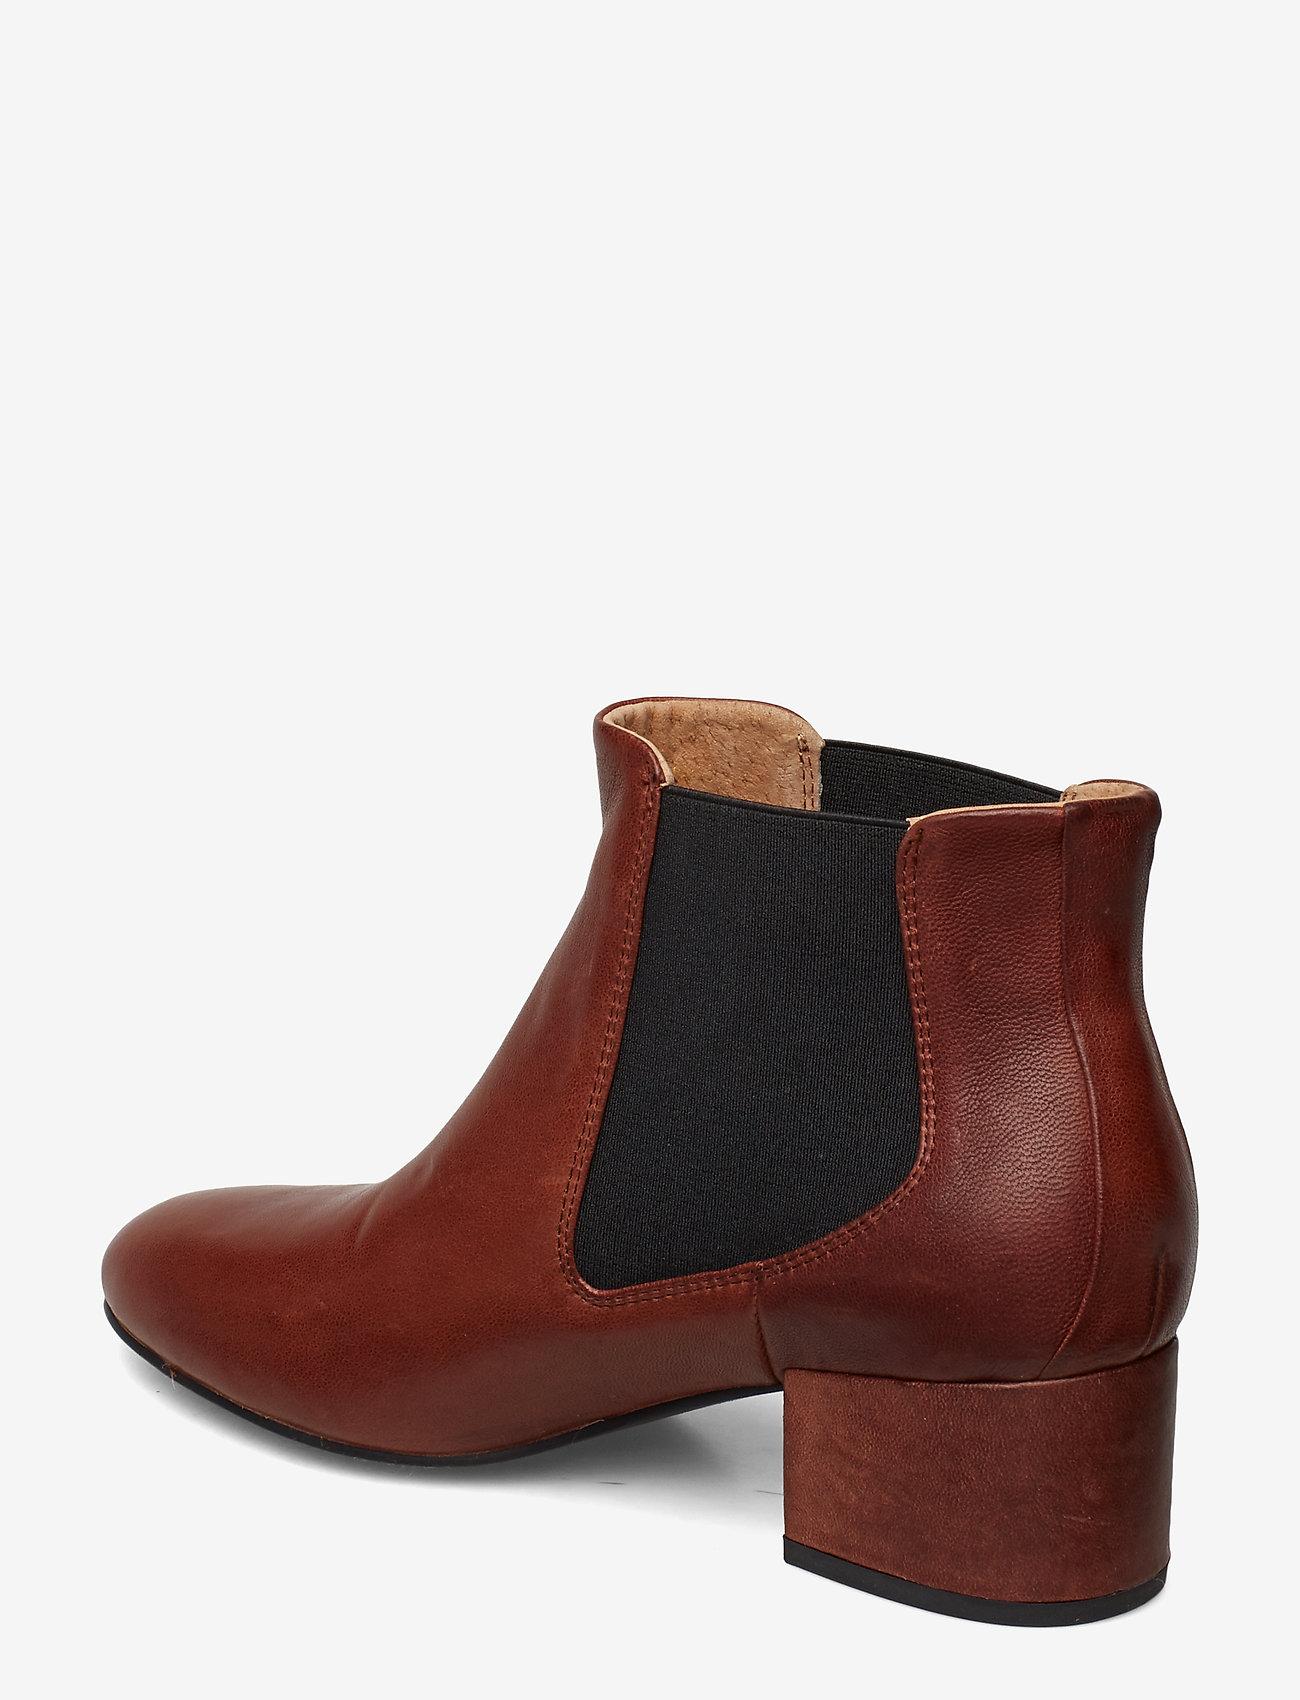 Shoe The Bear SOPHY LOW CHELSEA L - Stiefel BROWN - Schuhe Billige